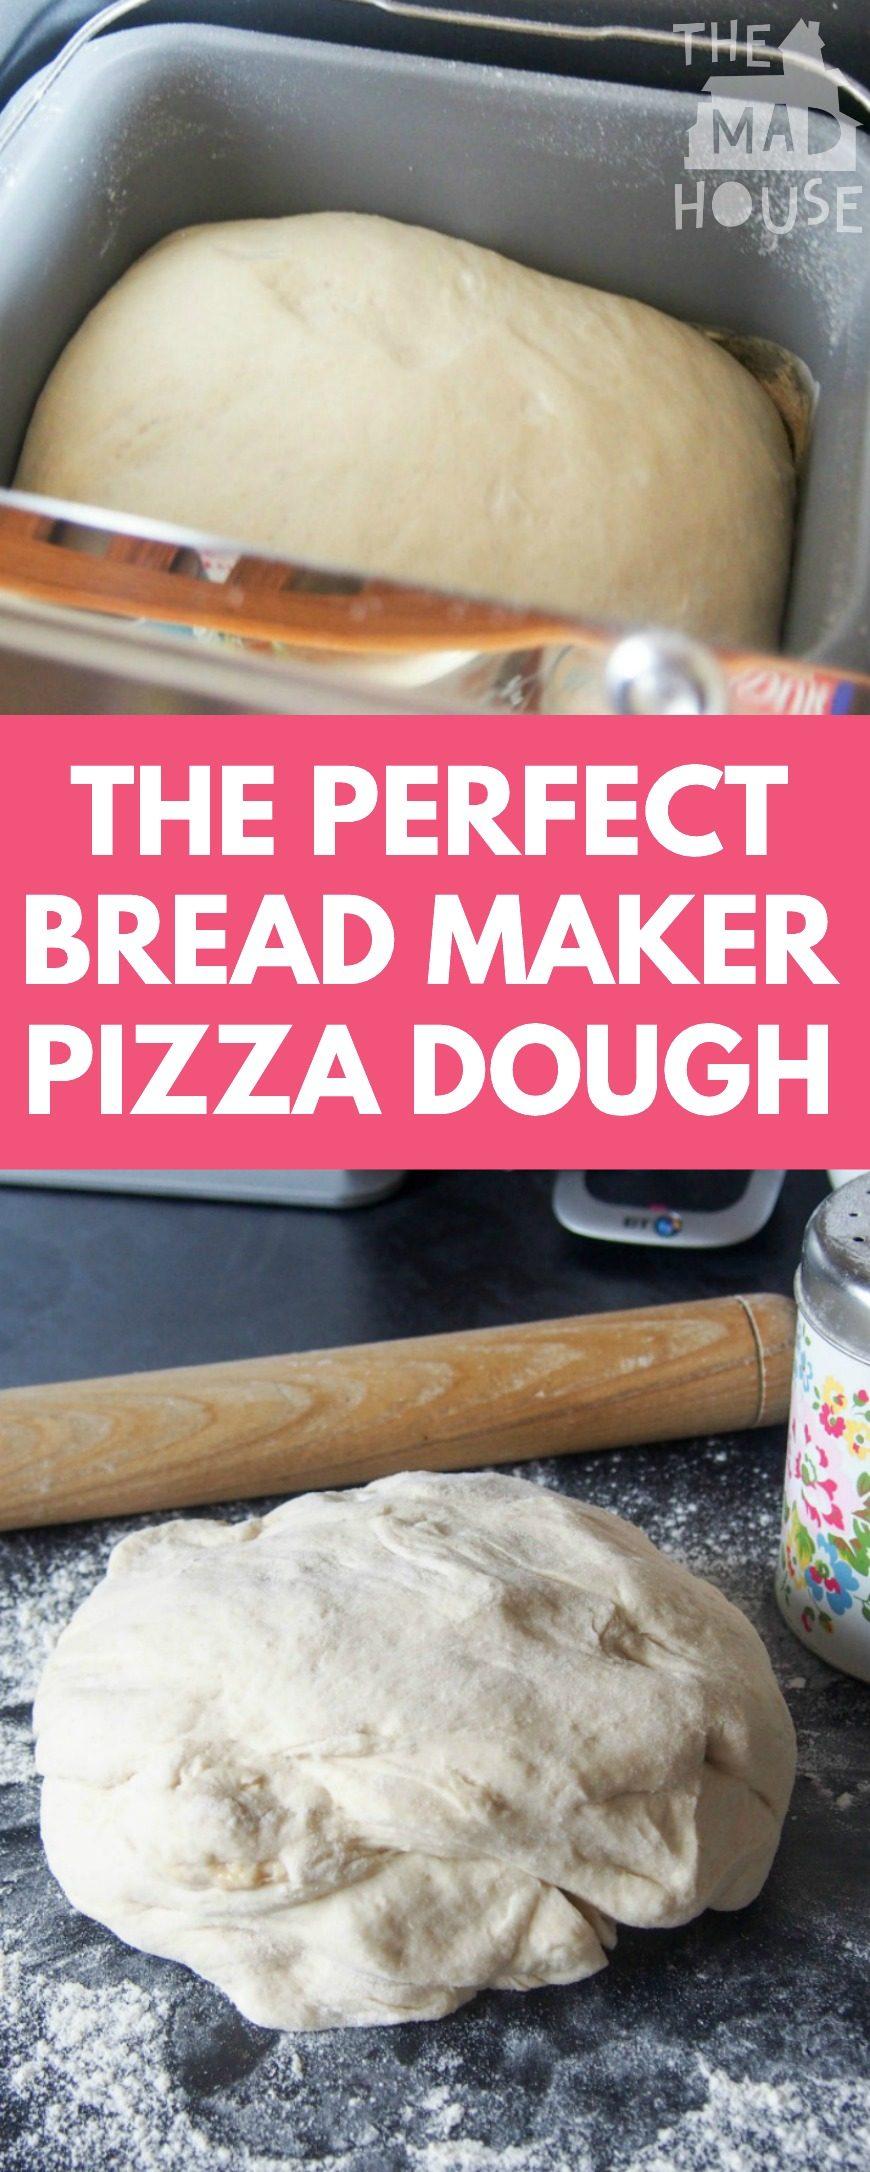 making pizza dough in a bread machine